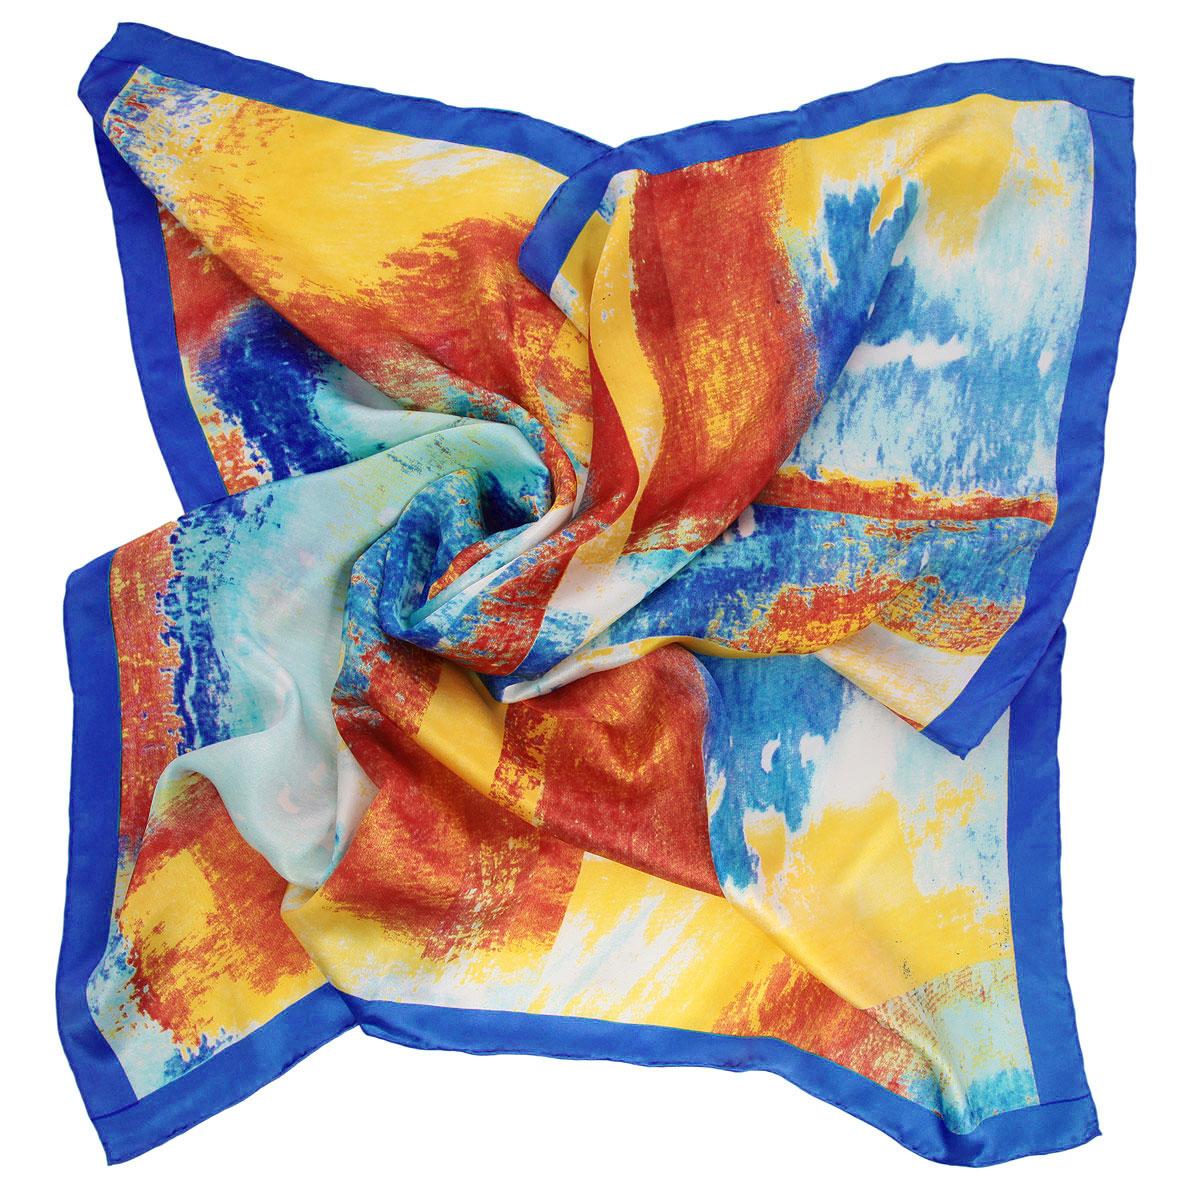 Платок женский Venera, цвет: синий, оранжевый, желтый. 1801829-5. Размер 90 см х 90 см1801829-5 ПлатокОчаровательный платок Venera подчеркнет ваш неповторимый образ. Изделие выполнено из натурального шелка и оформлено абстрактным принтом. Края платка обработаны вручную. Этот модный аксессуар женского гардероба гармонично дополнит образ современной женщины, следящей за своим имиджем и стремящейся всегда оставаться стильной и элегантной.